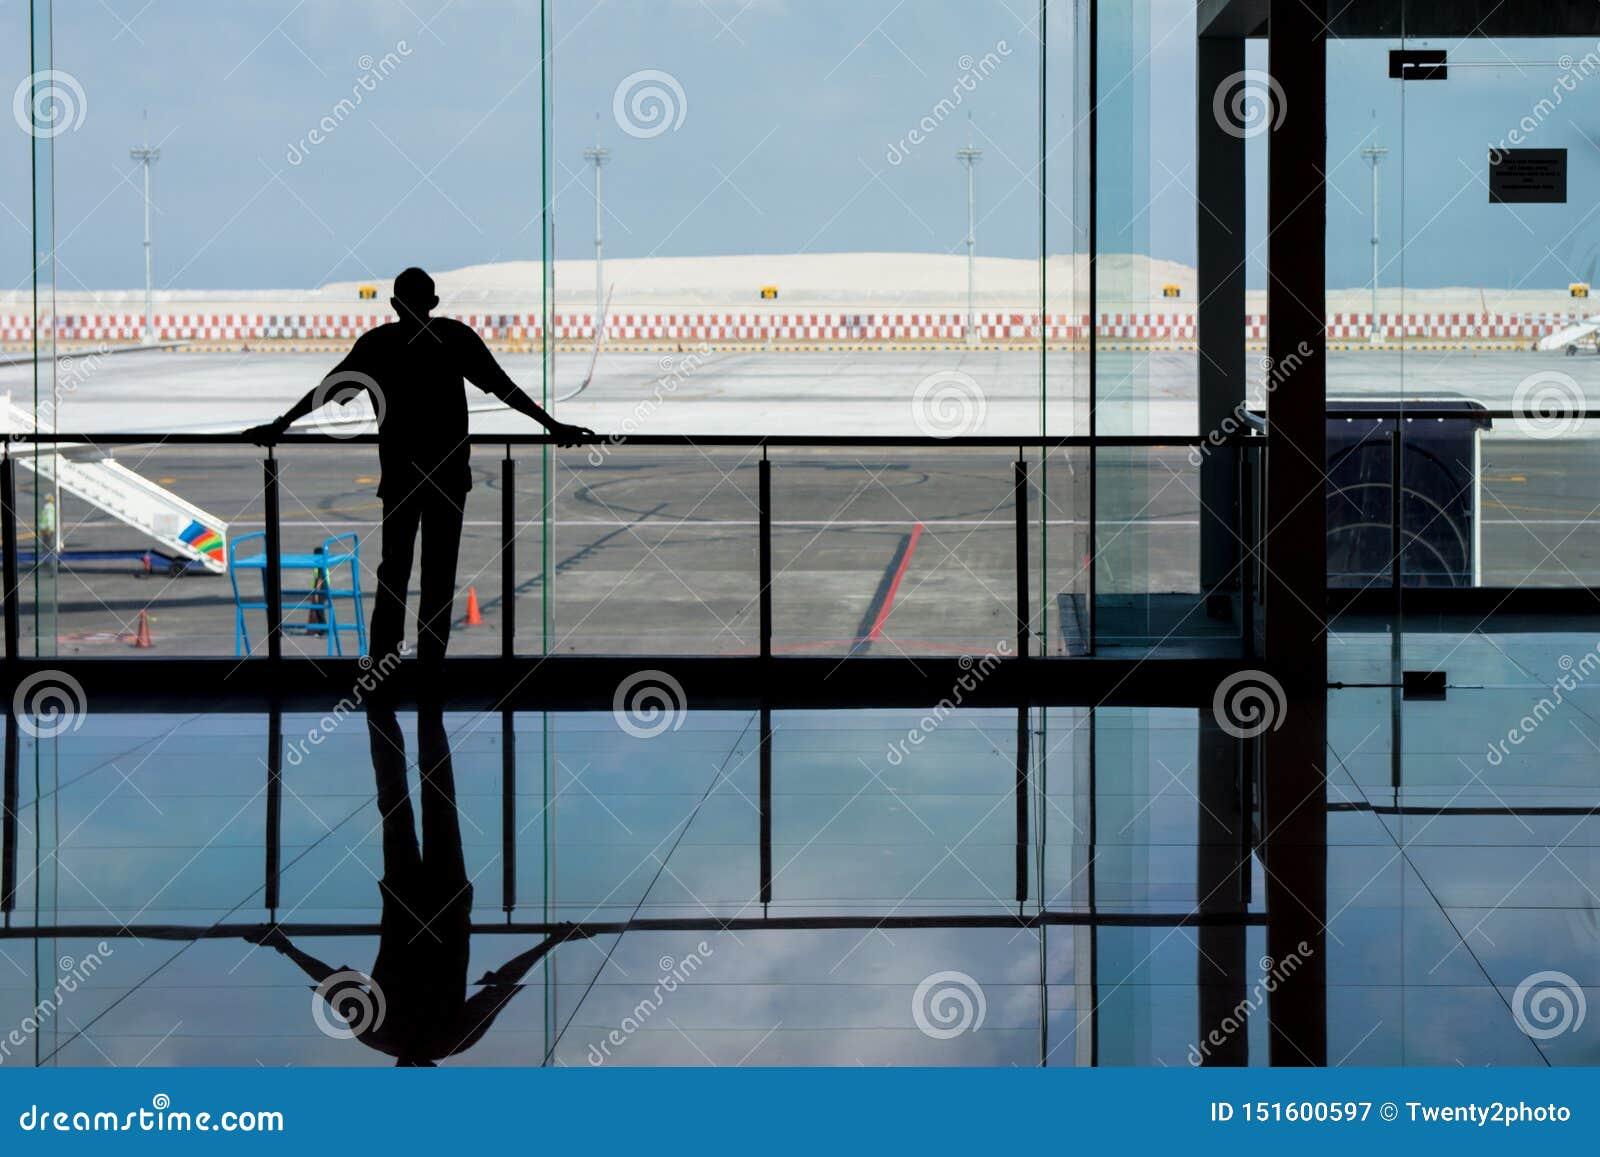 Denpasar, Bali, Indonésia: 5 de junho de 2019 - homem que olha através das janelas de vidro no aeroporto como espera seu voo